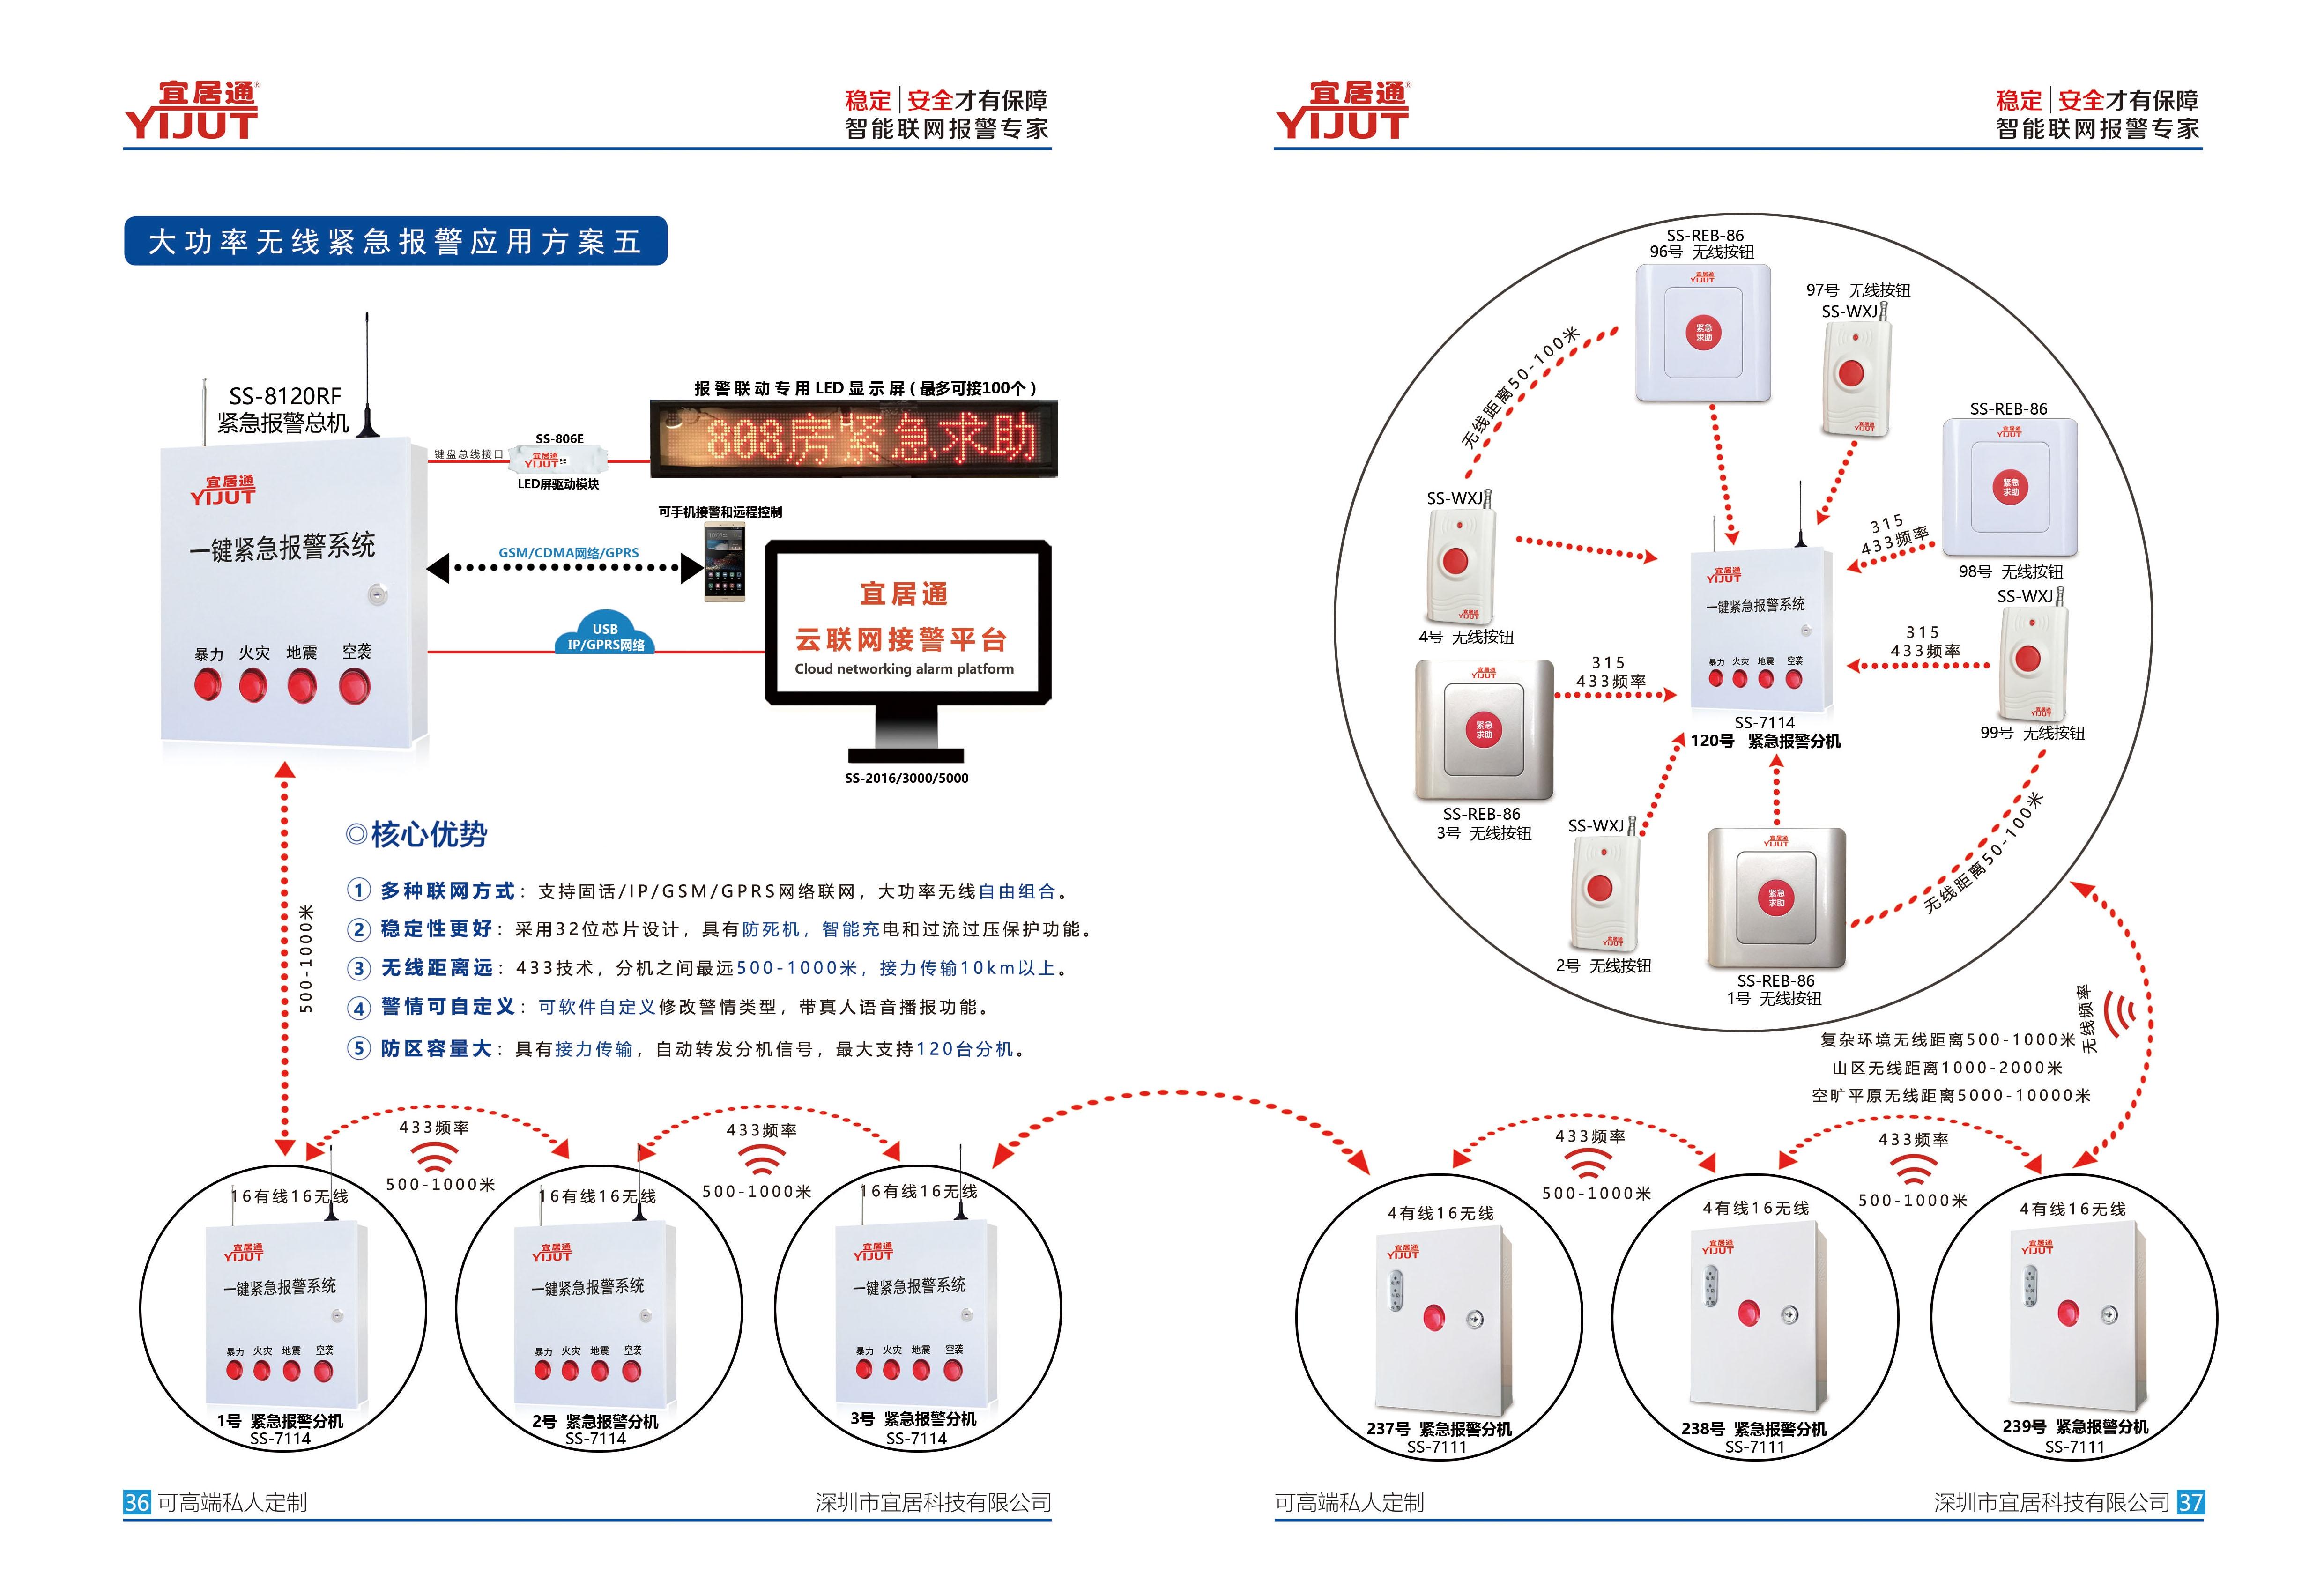 深圳宜居介绍一键紧急求助按钮有哪些好处?